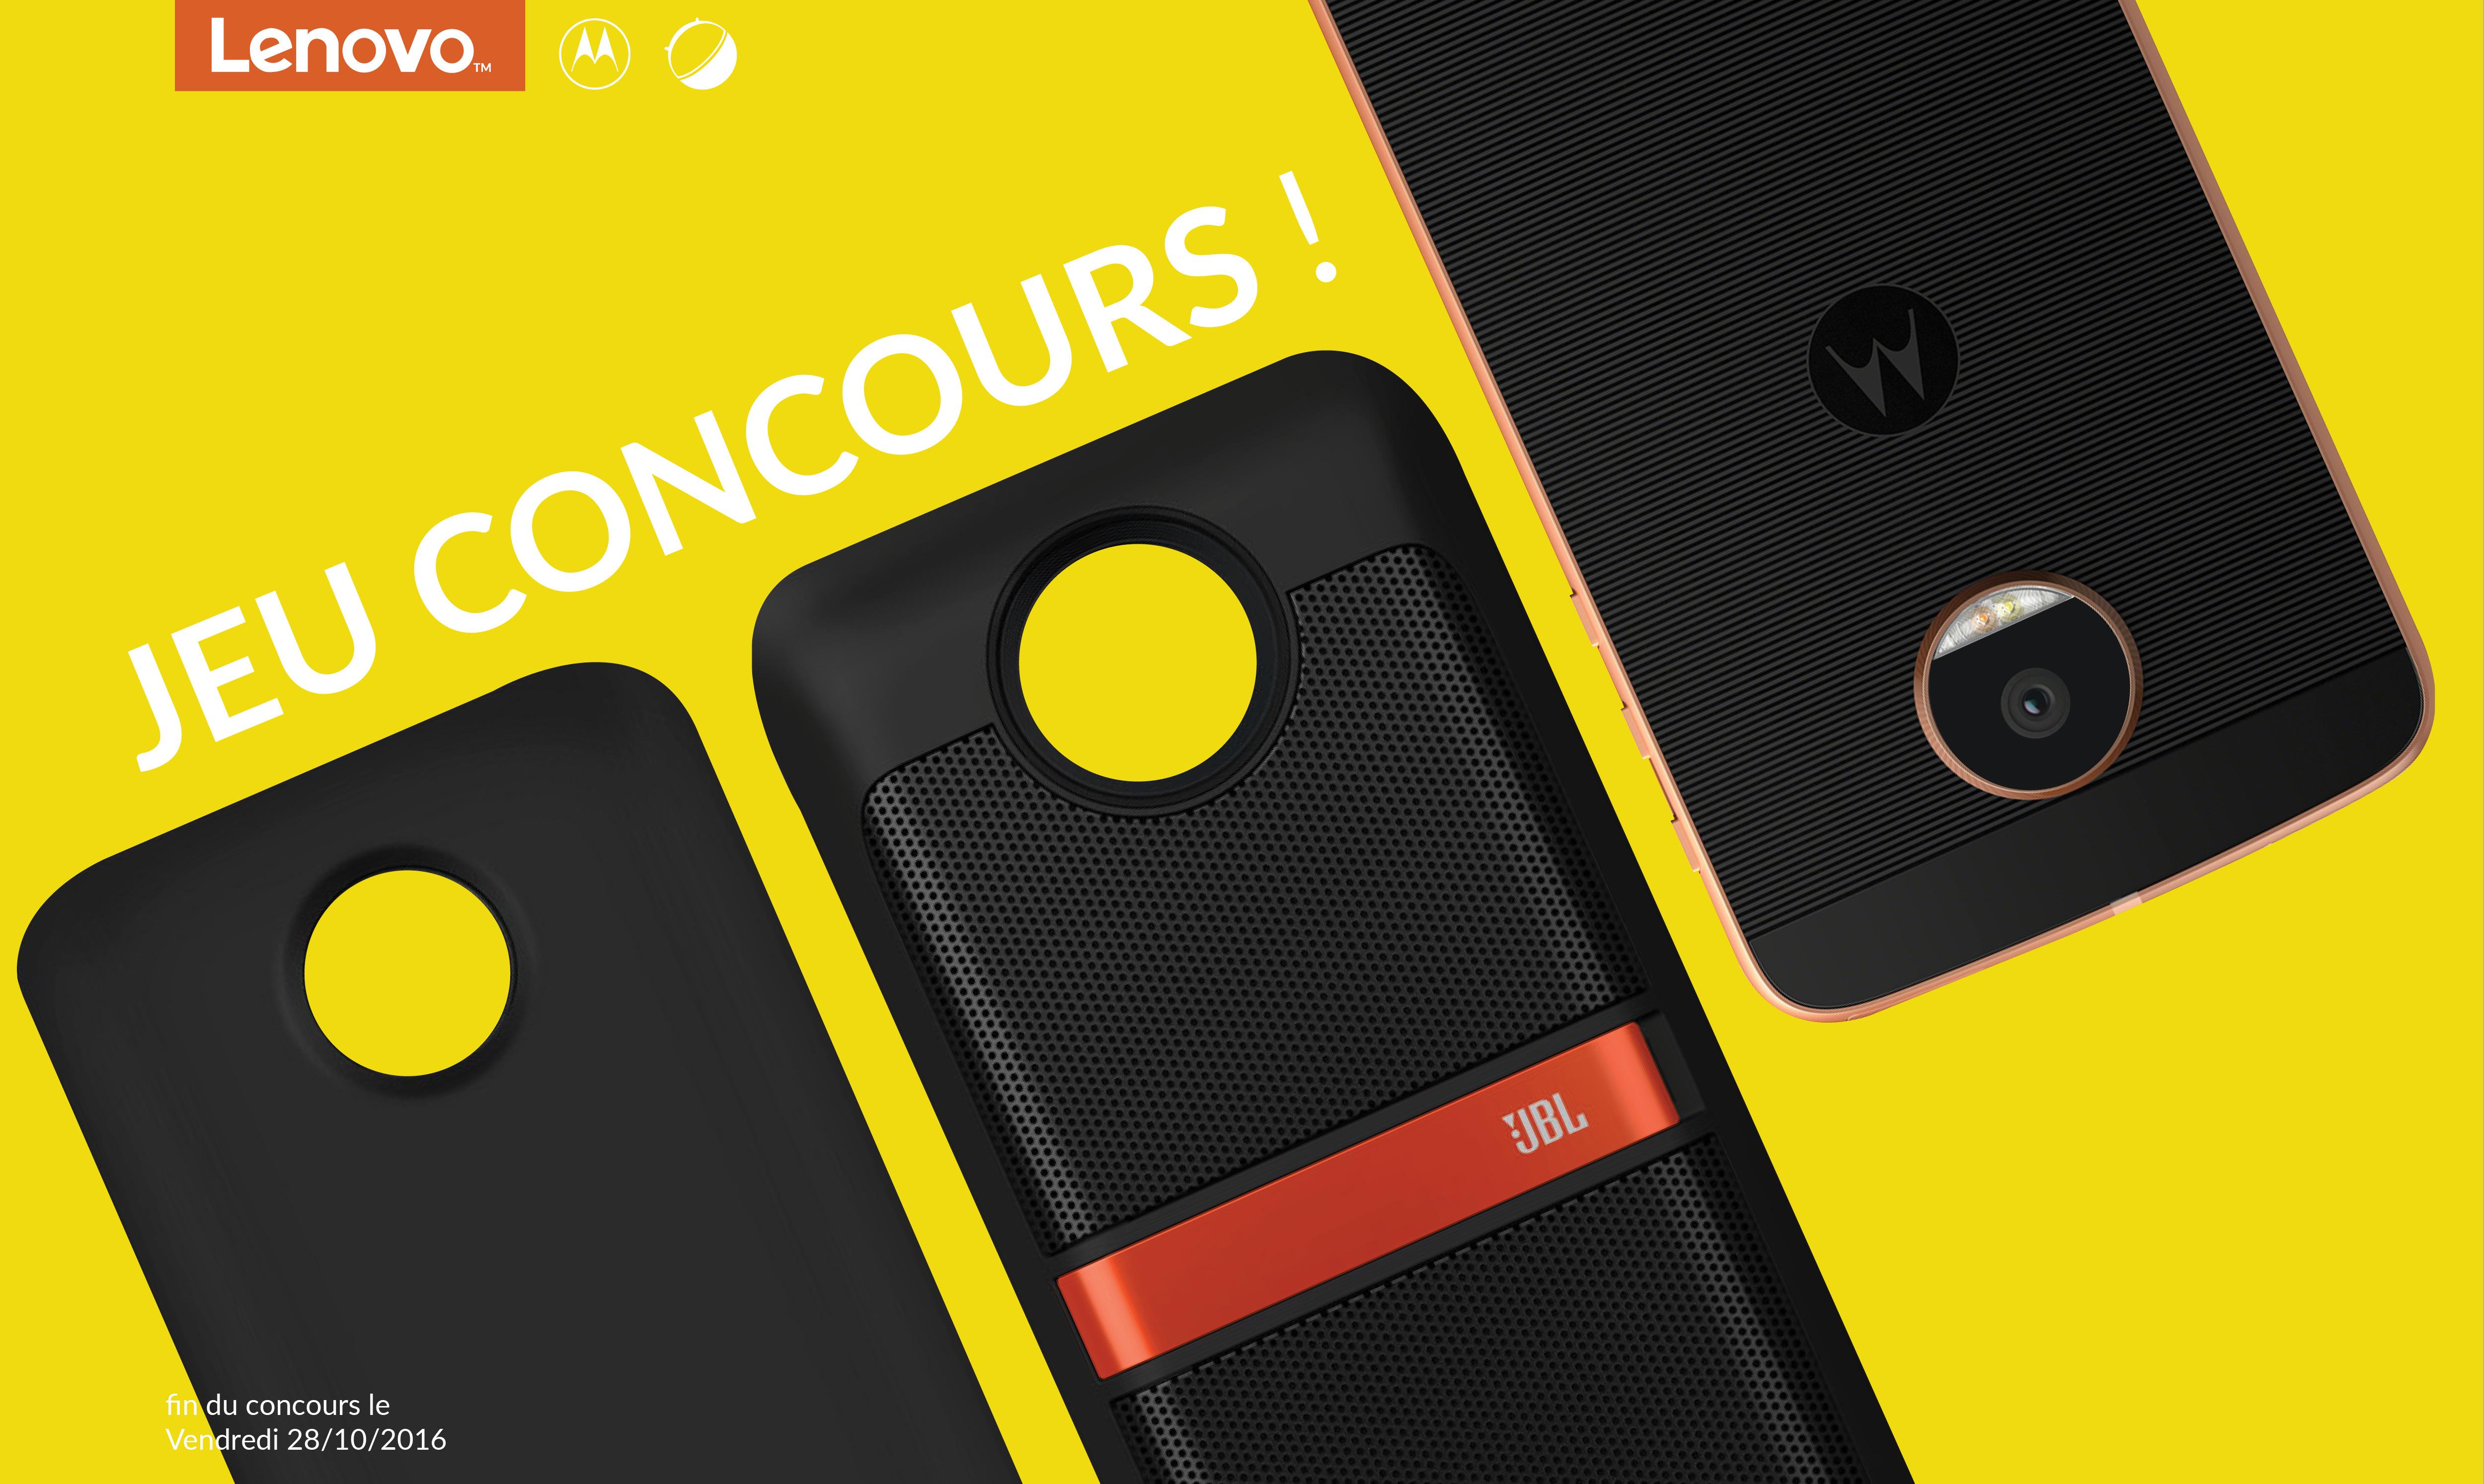 Jeu-concours : des Lenovo Moto Z accompagnés de leurs Mods à gagner